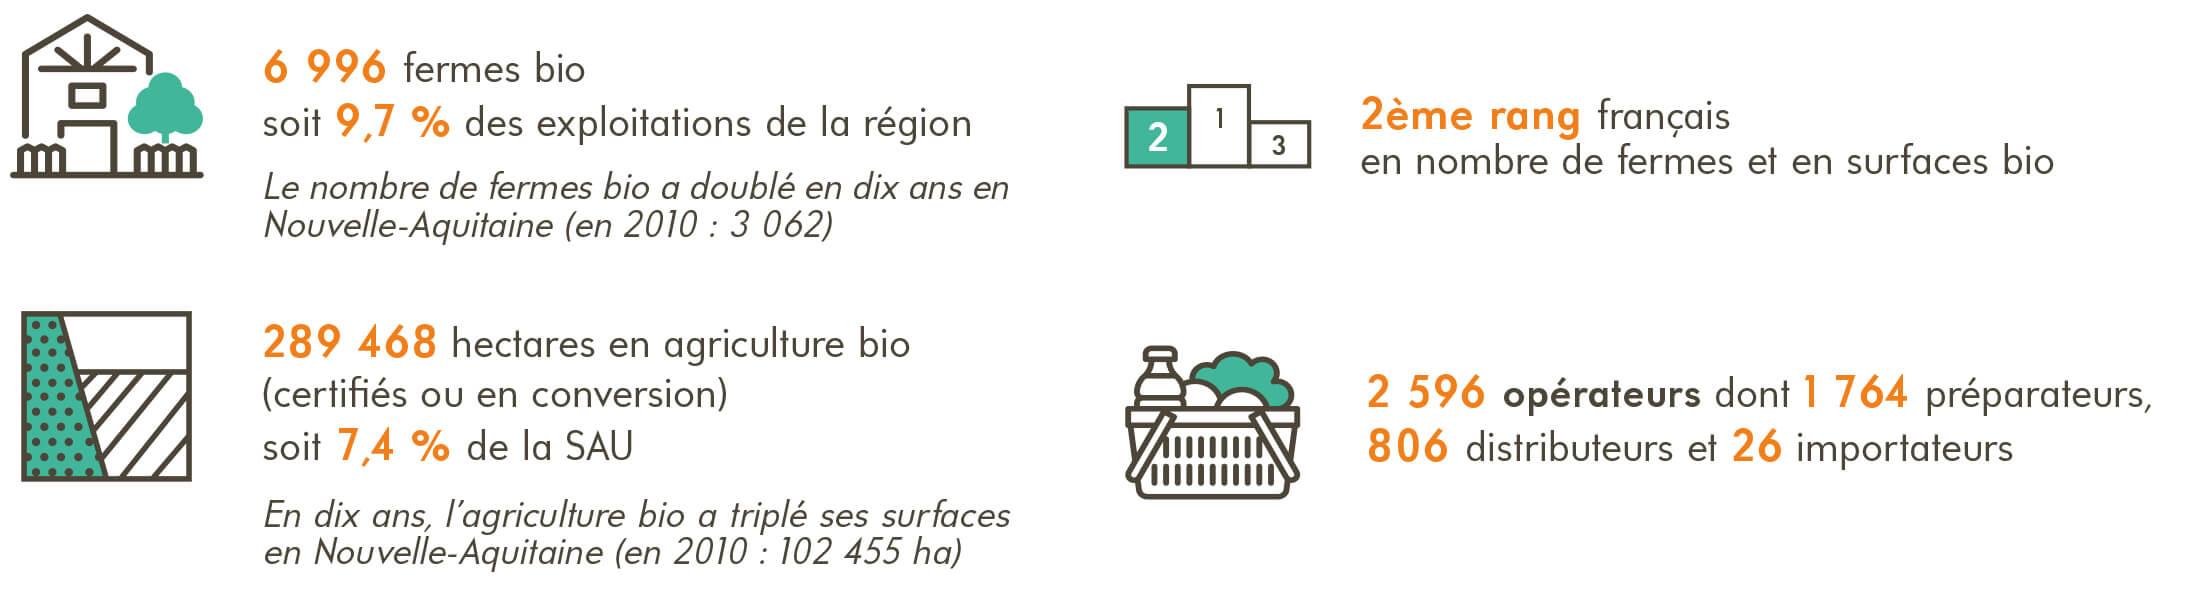 Chiffres bio Nouvelle-Aquitaine